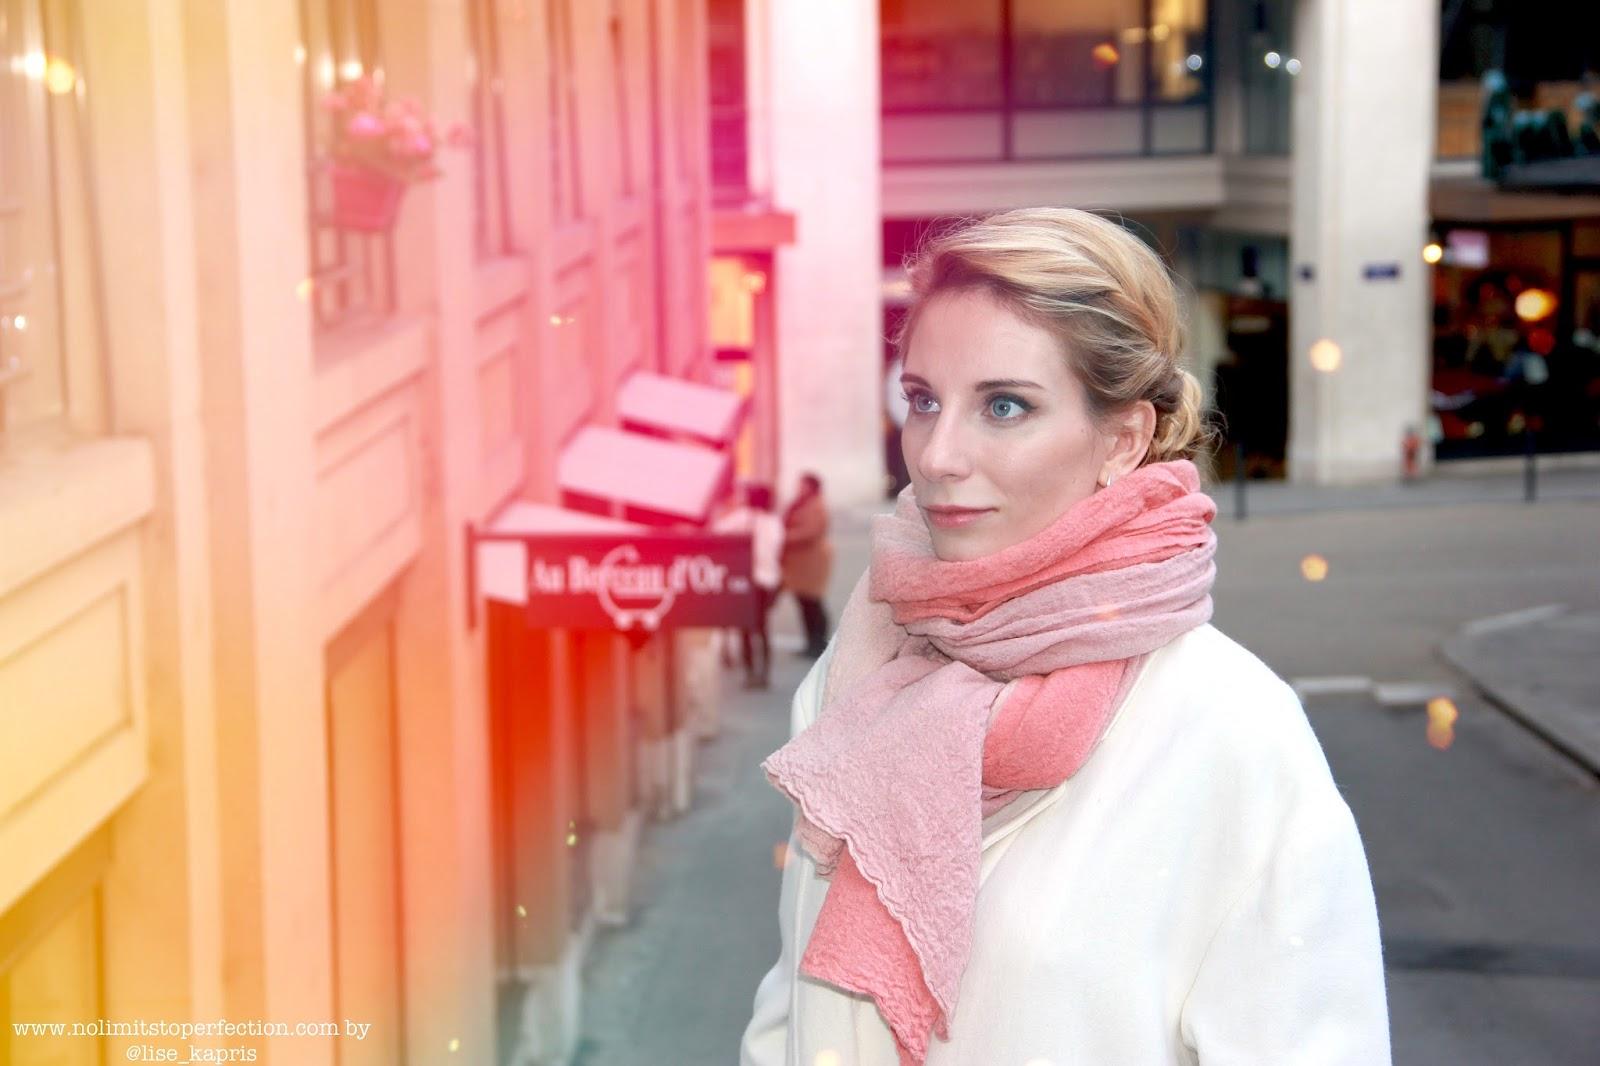 Geneva trip review by Lise Kapris